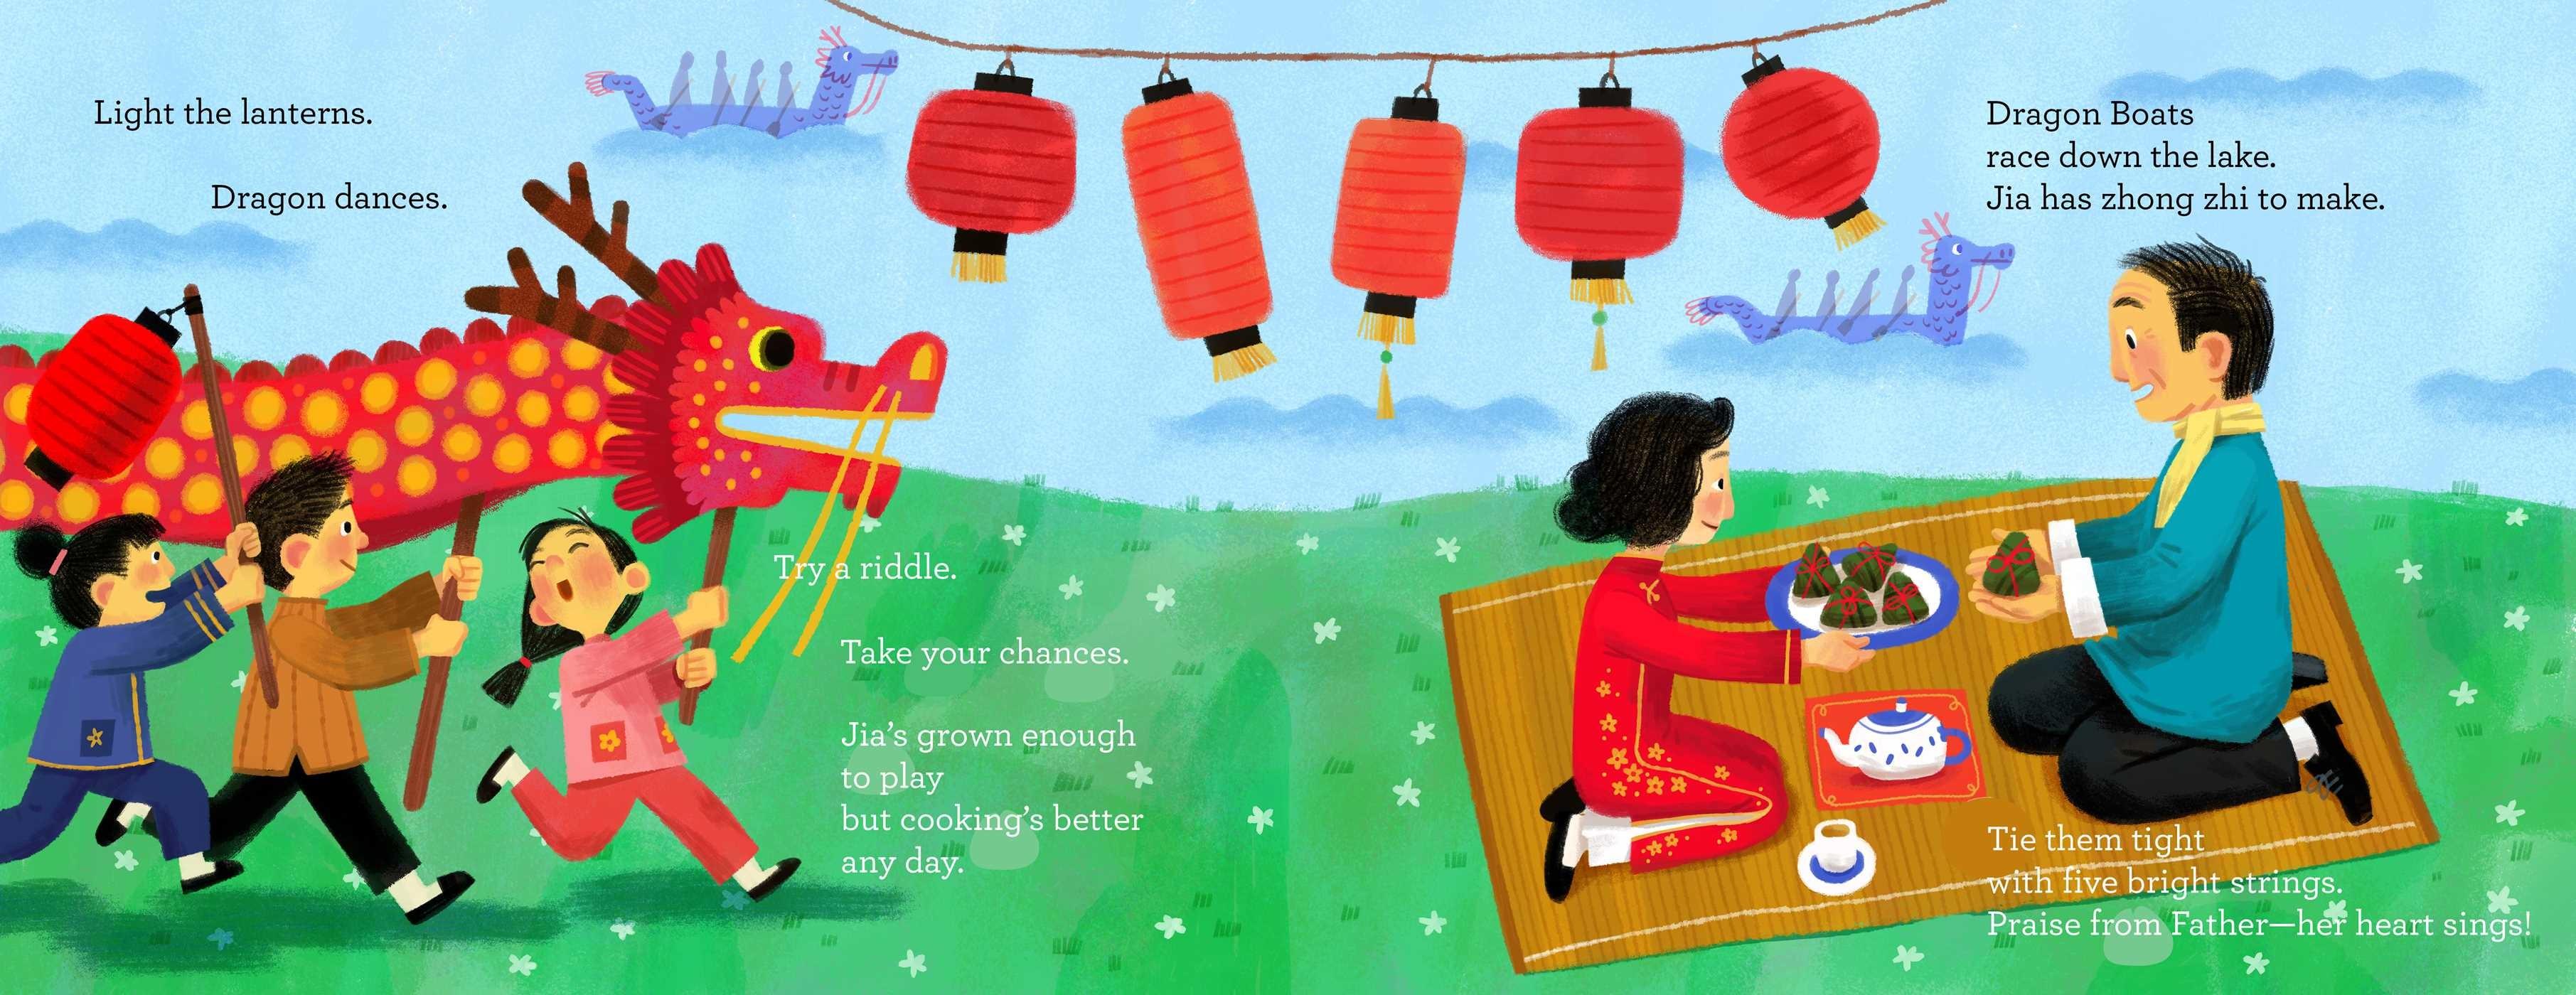 Dumpling dreams 9781481467070.in05